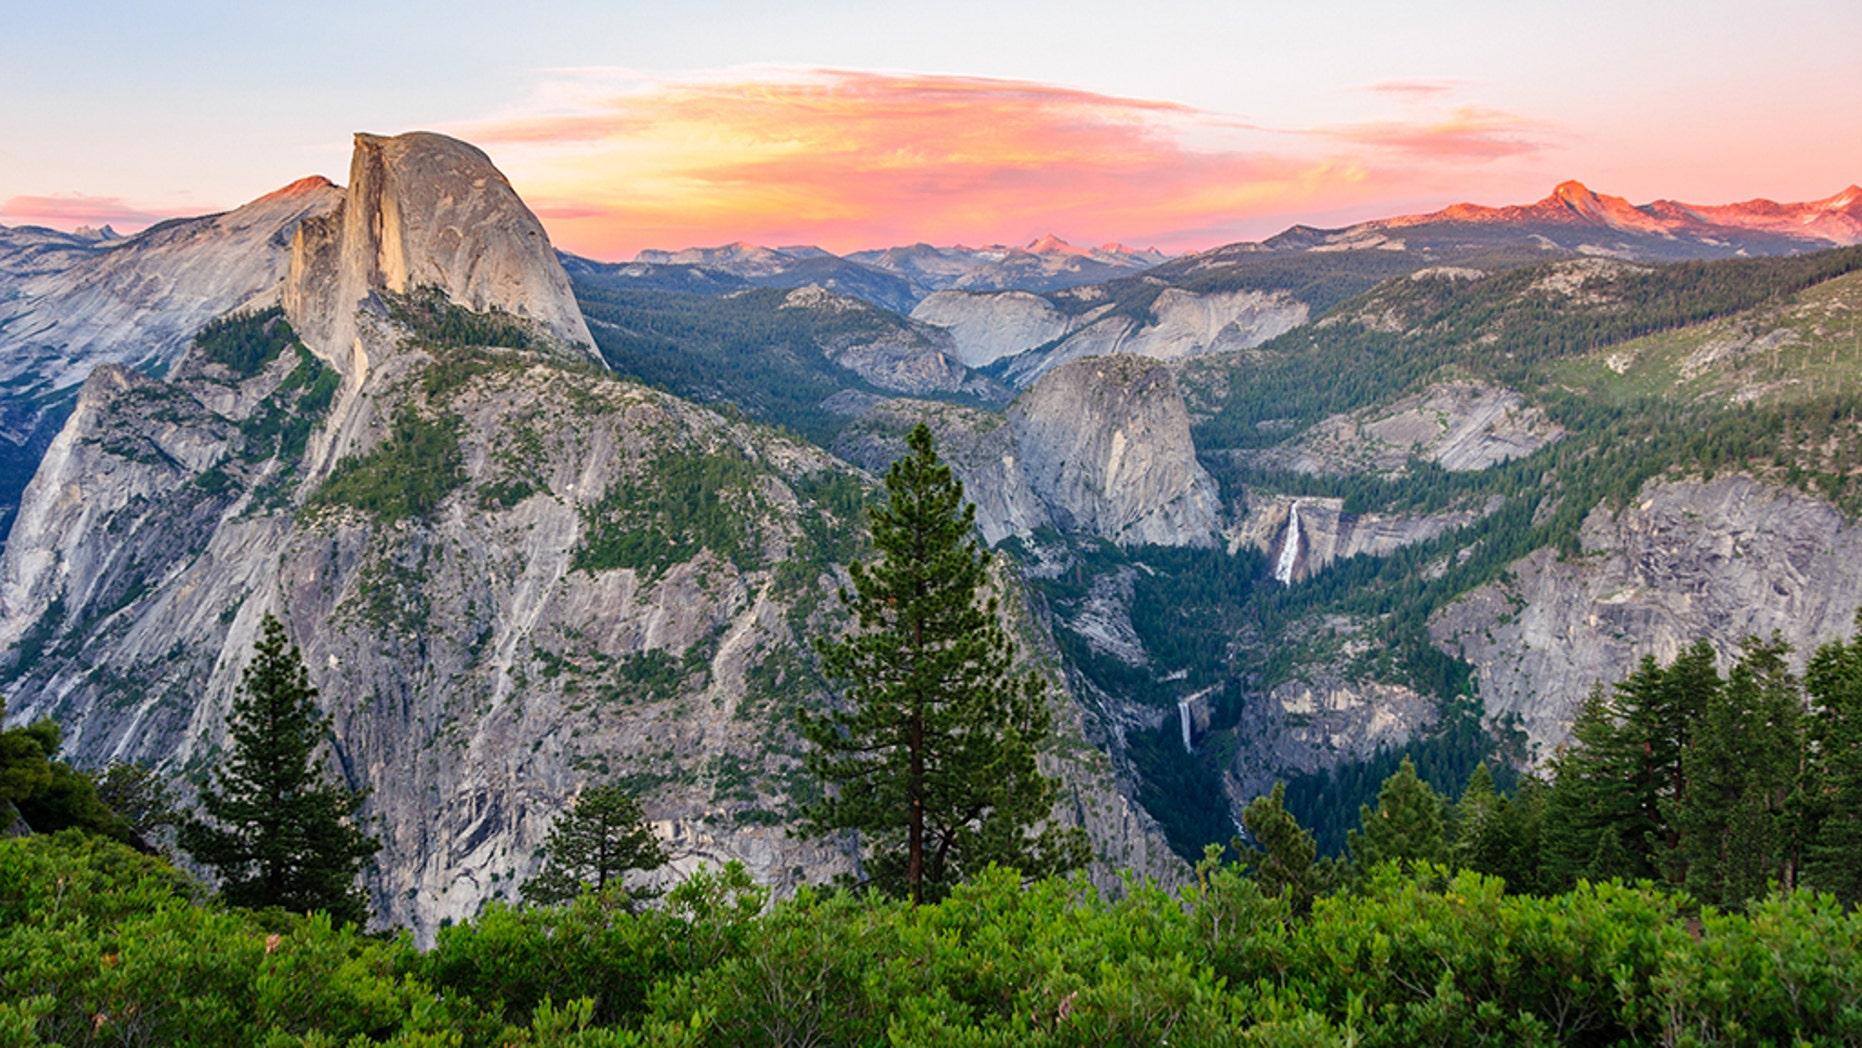 Aerial view of Yosemite National Park in California.